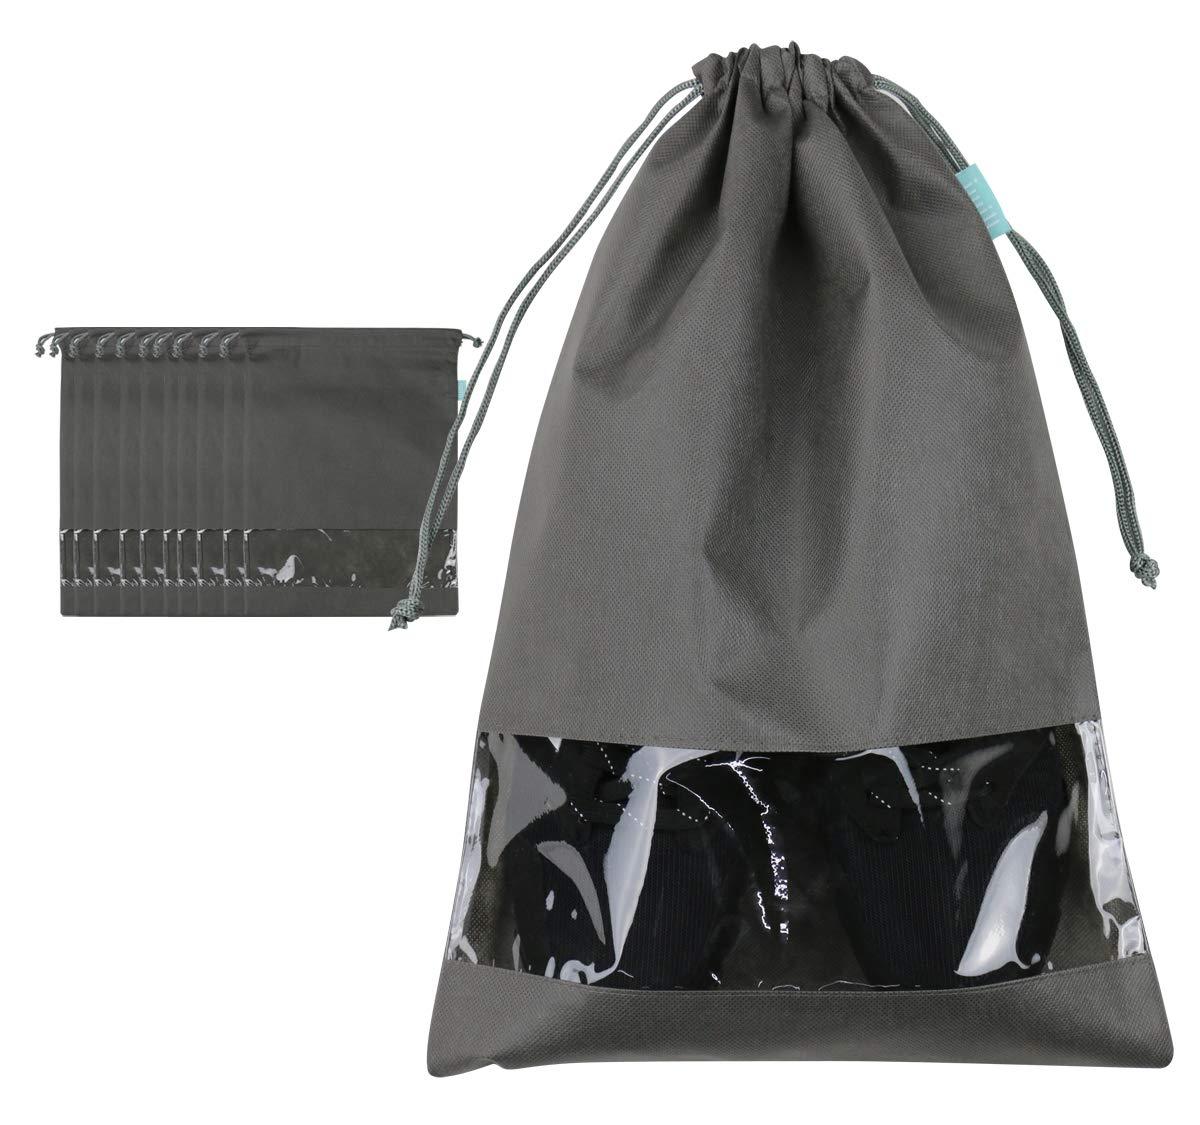 Shoe Organizer Bag, Portable Shoe Carry Box for Travel,Camo,4pcs I WILL XD-CAMO-US